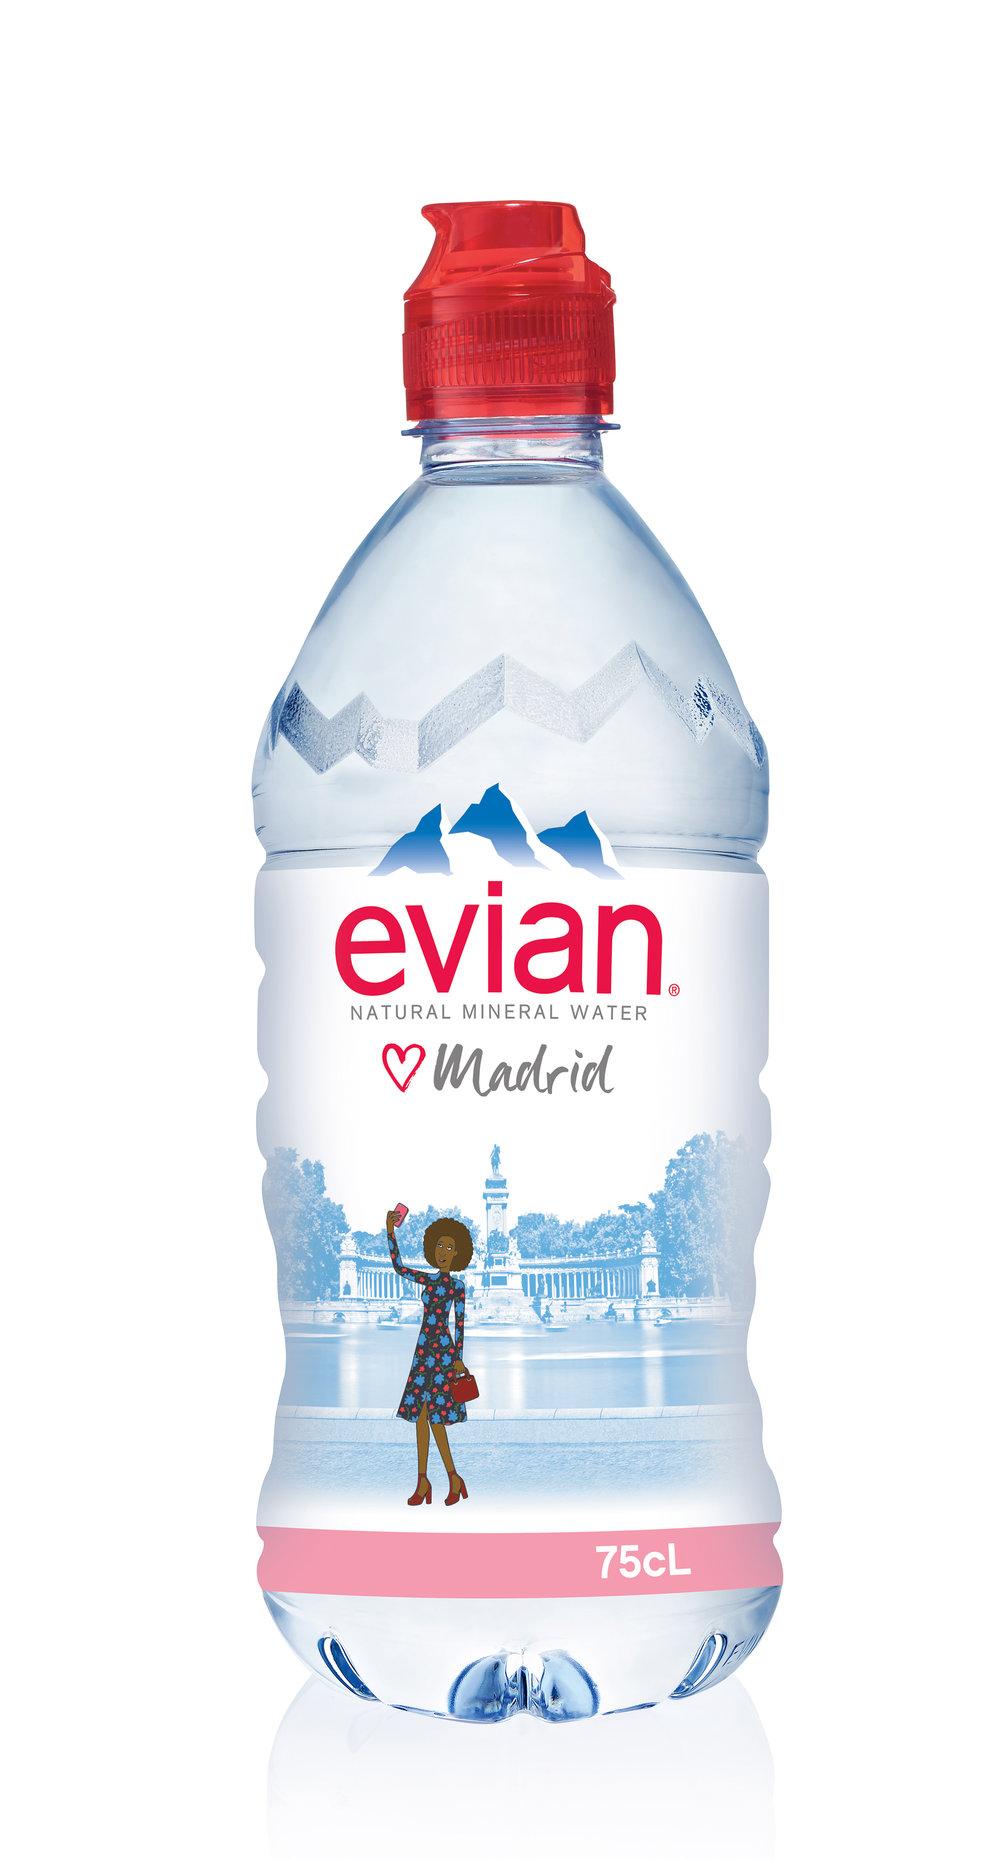 Evian_Cities_Bouteille_MAC_Spain75CL_RetiroPark_VERSO-HD.jpg